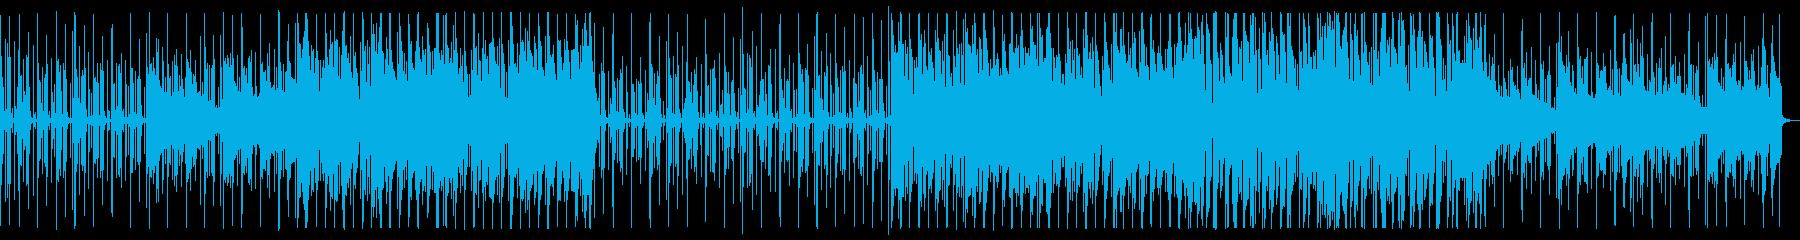 ラウンジミュージック_No670_1の再生済みの波形